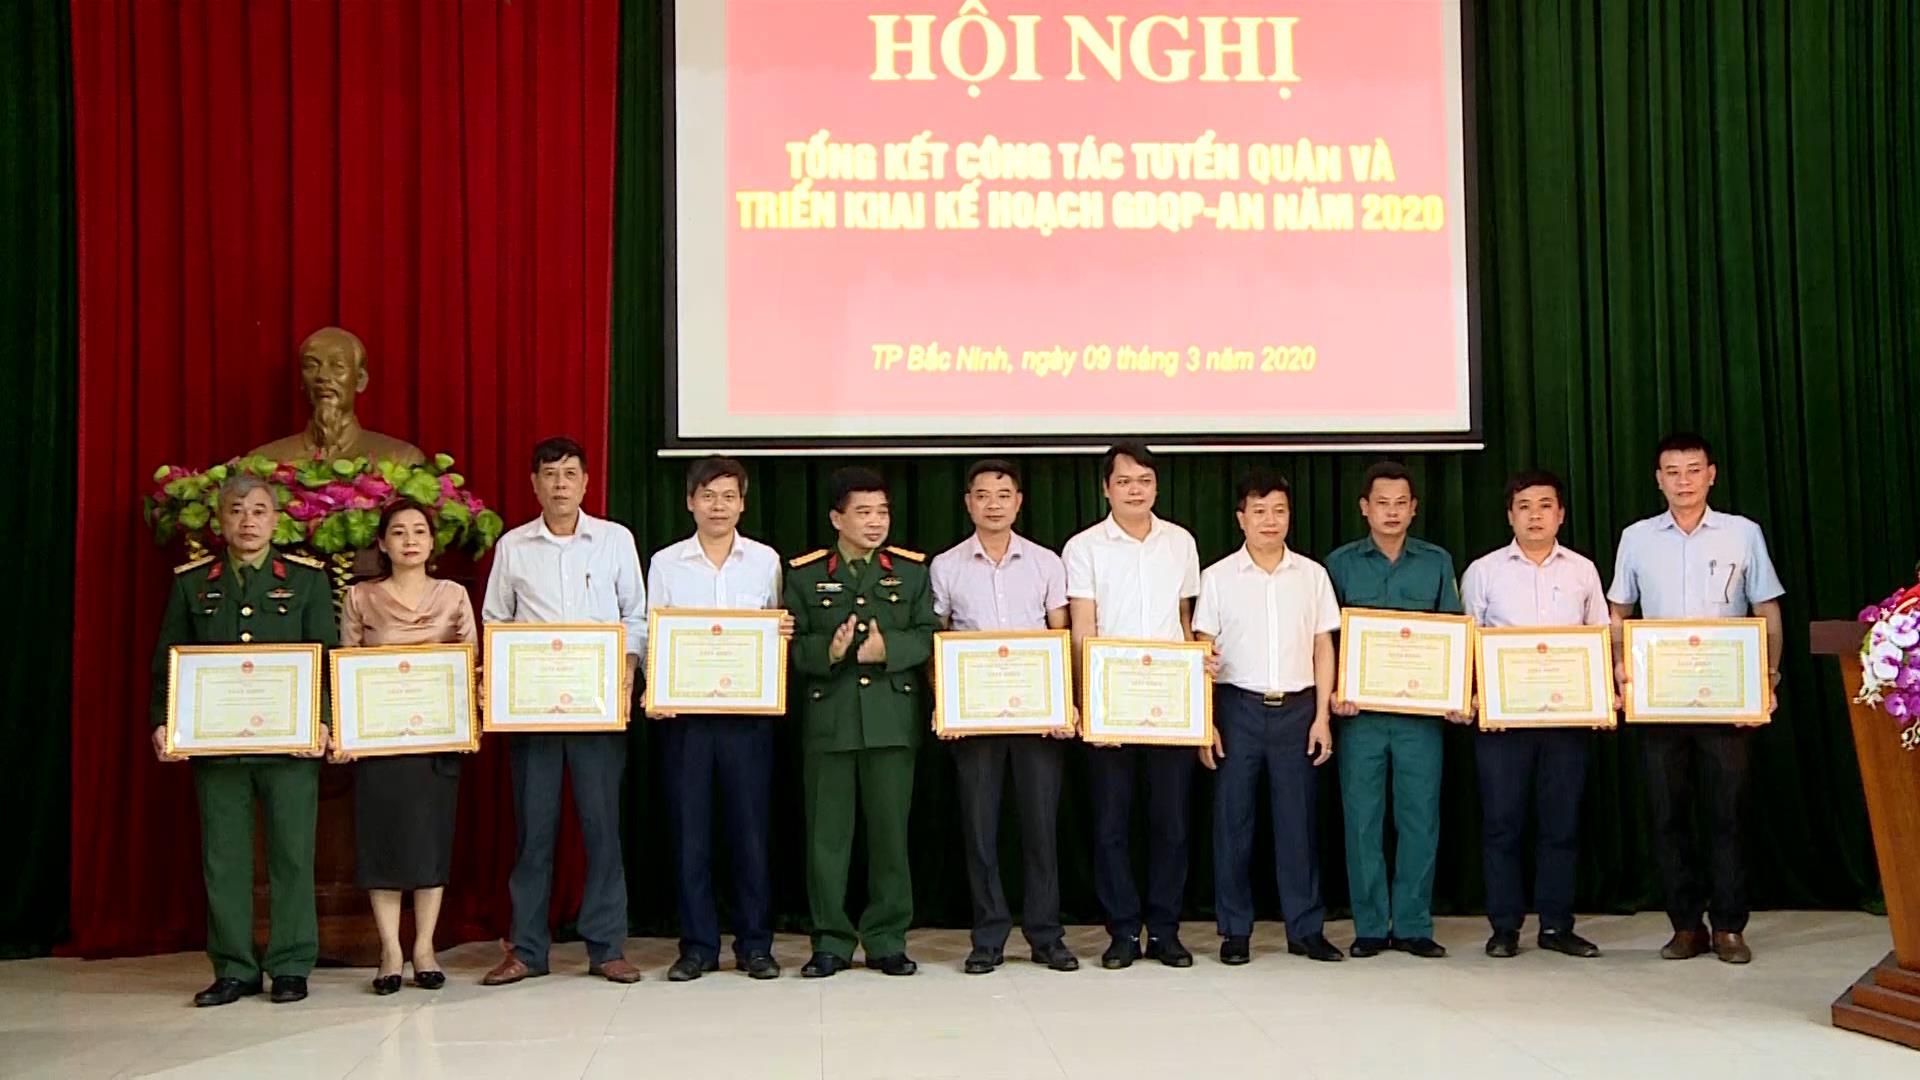 Thành phố Bắc Ninh tổng kết công tác tuyển quân năm 2020